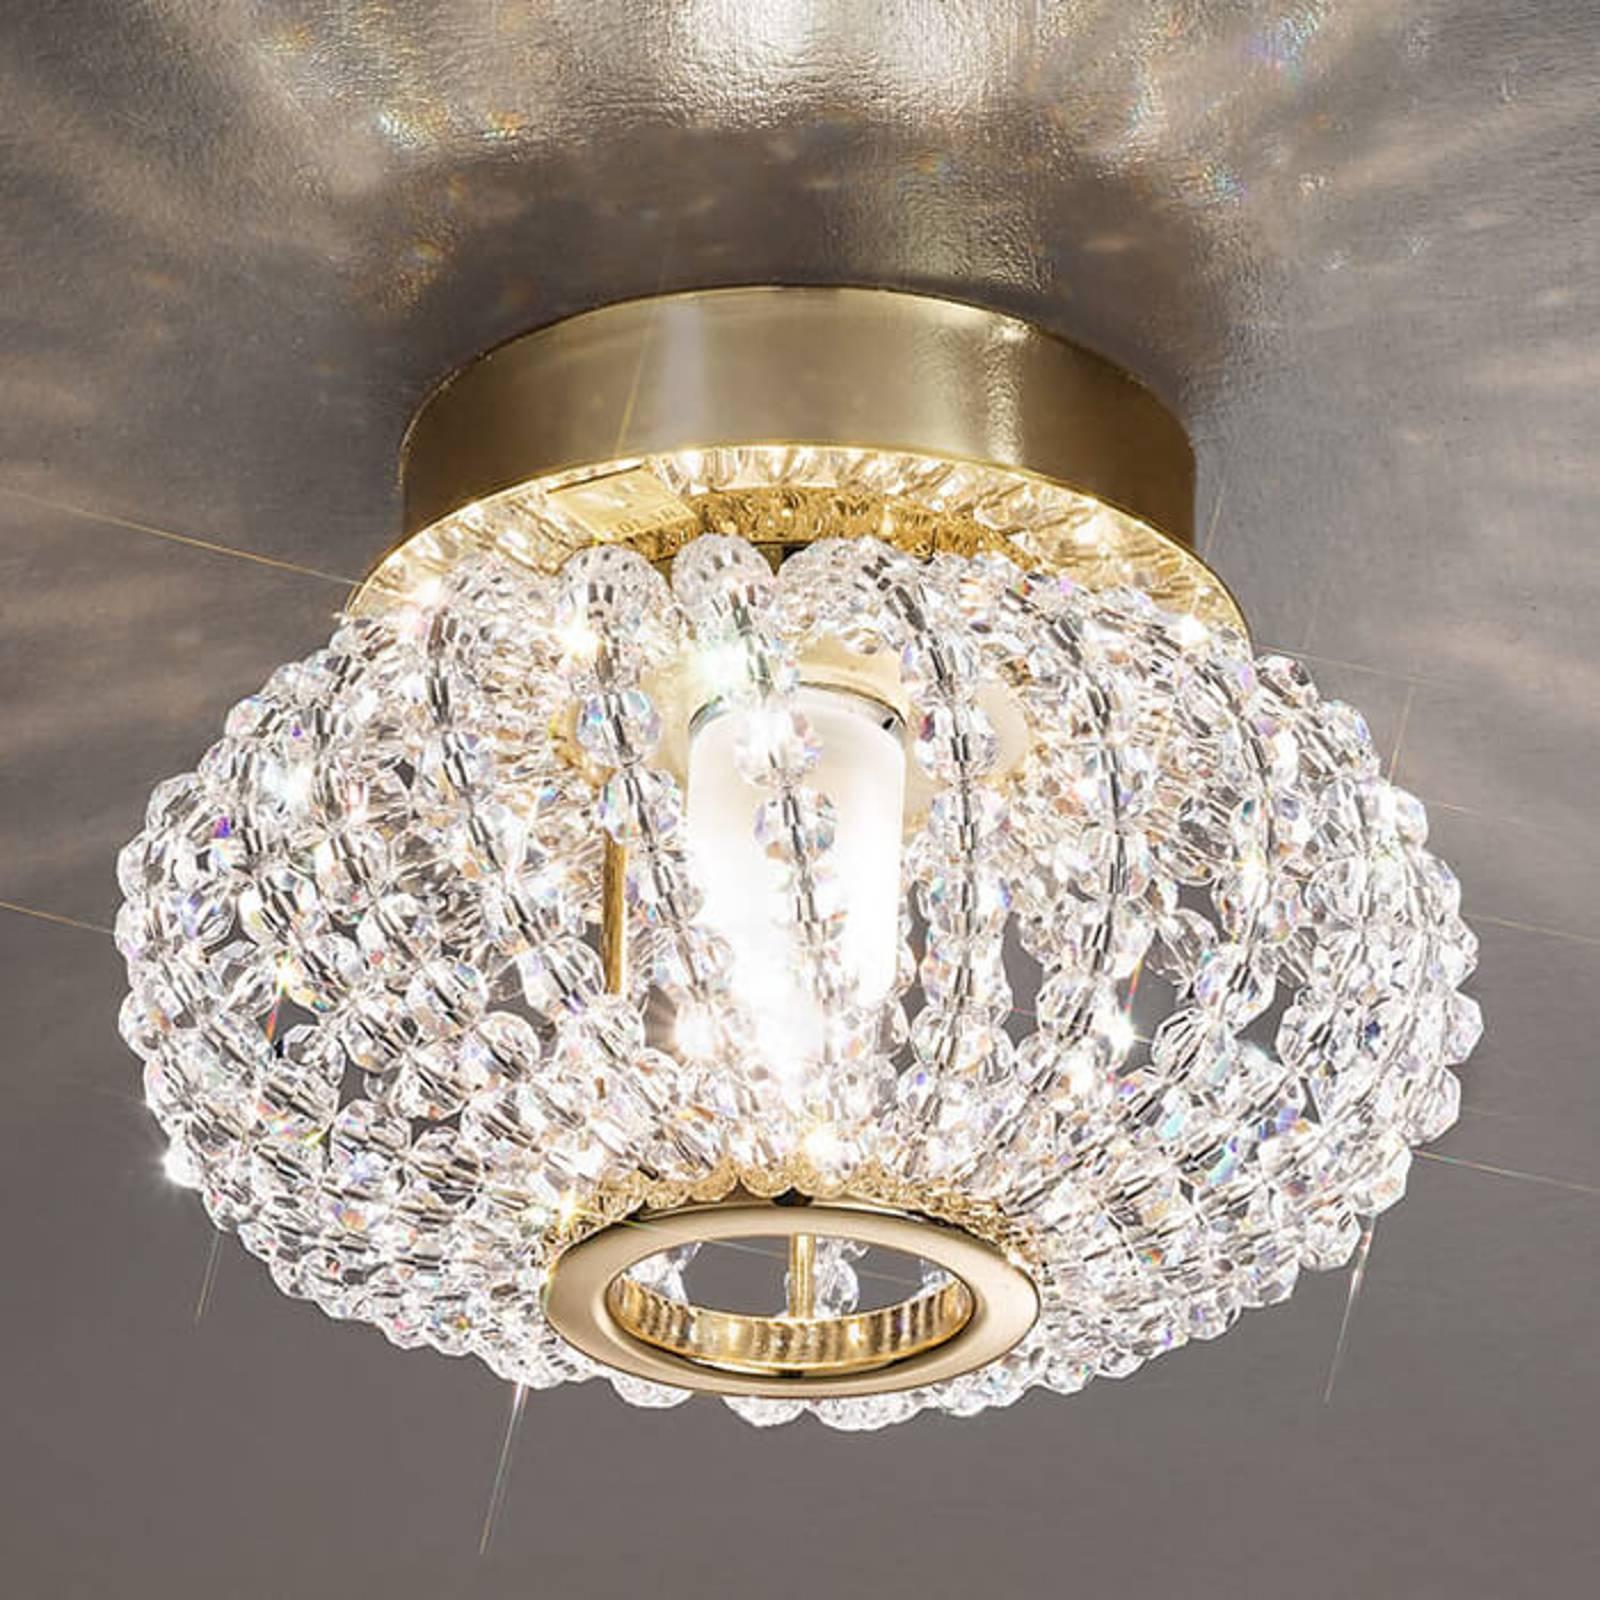 CARLA-kristallikattovalaisin kullalla